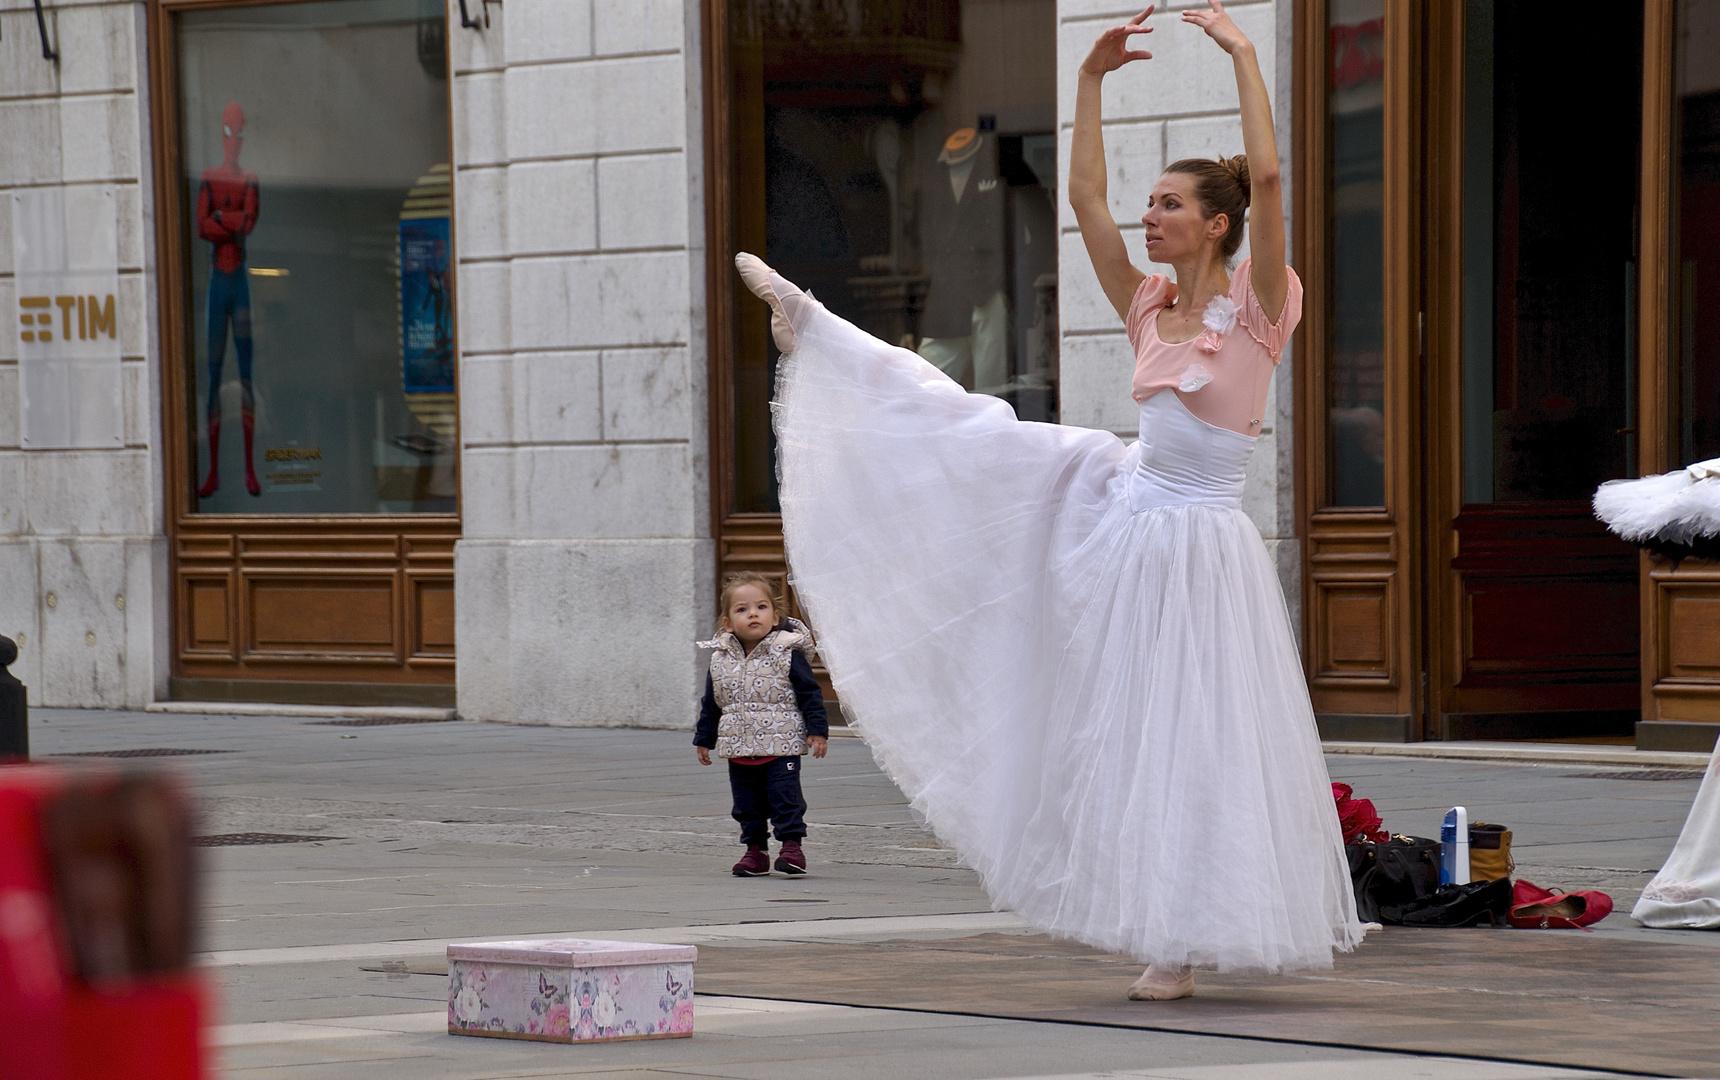 spiderman, das mädchen und die ballerina der straße